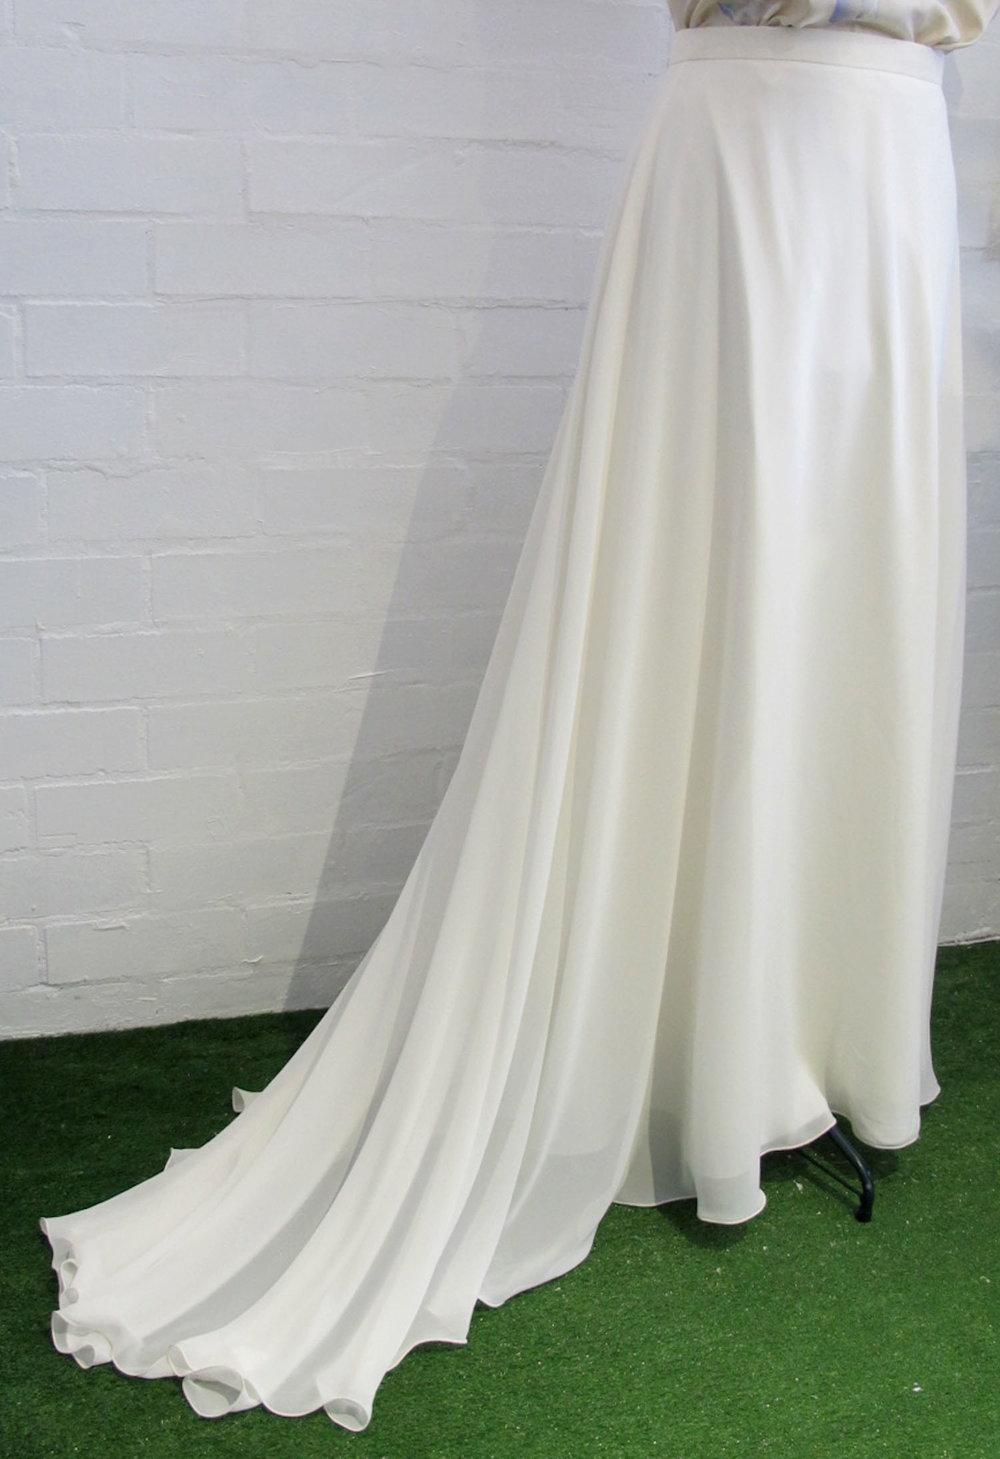 Valmai's skirt, $50